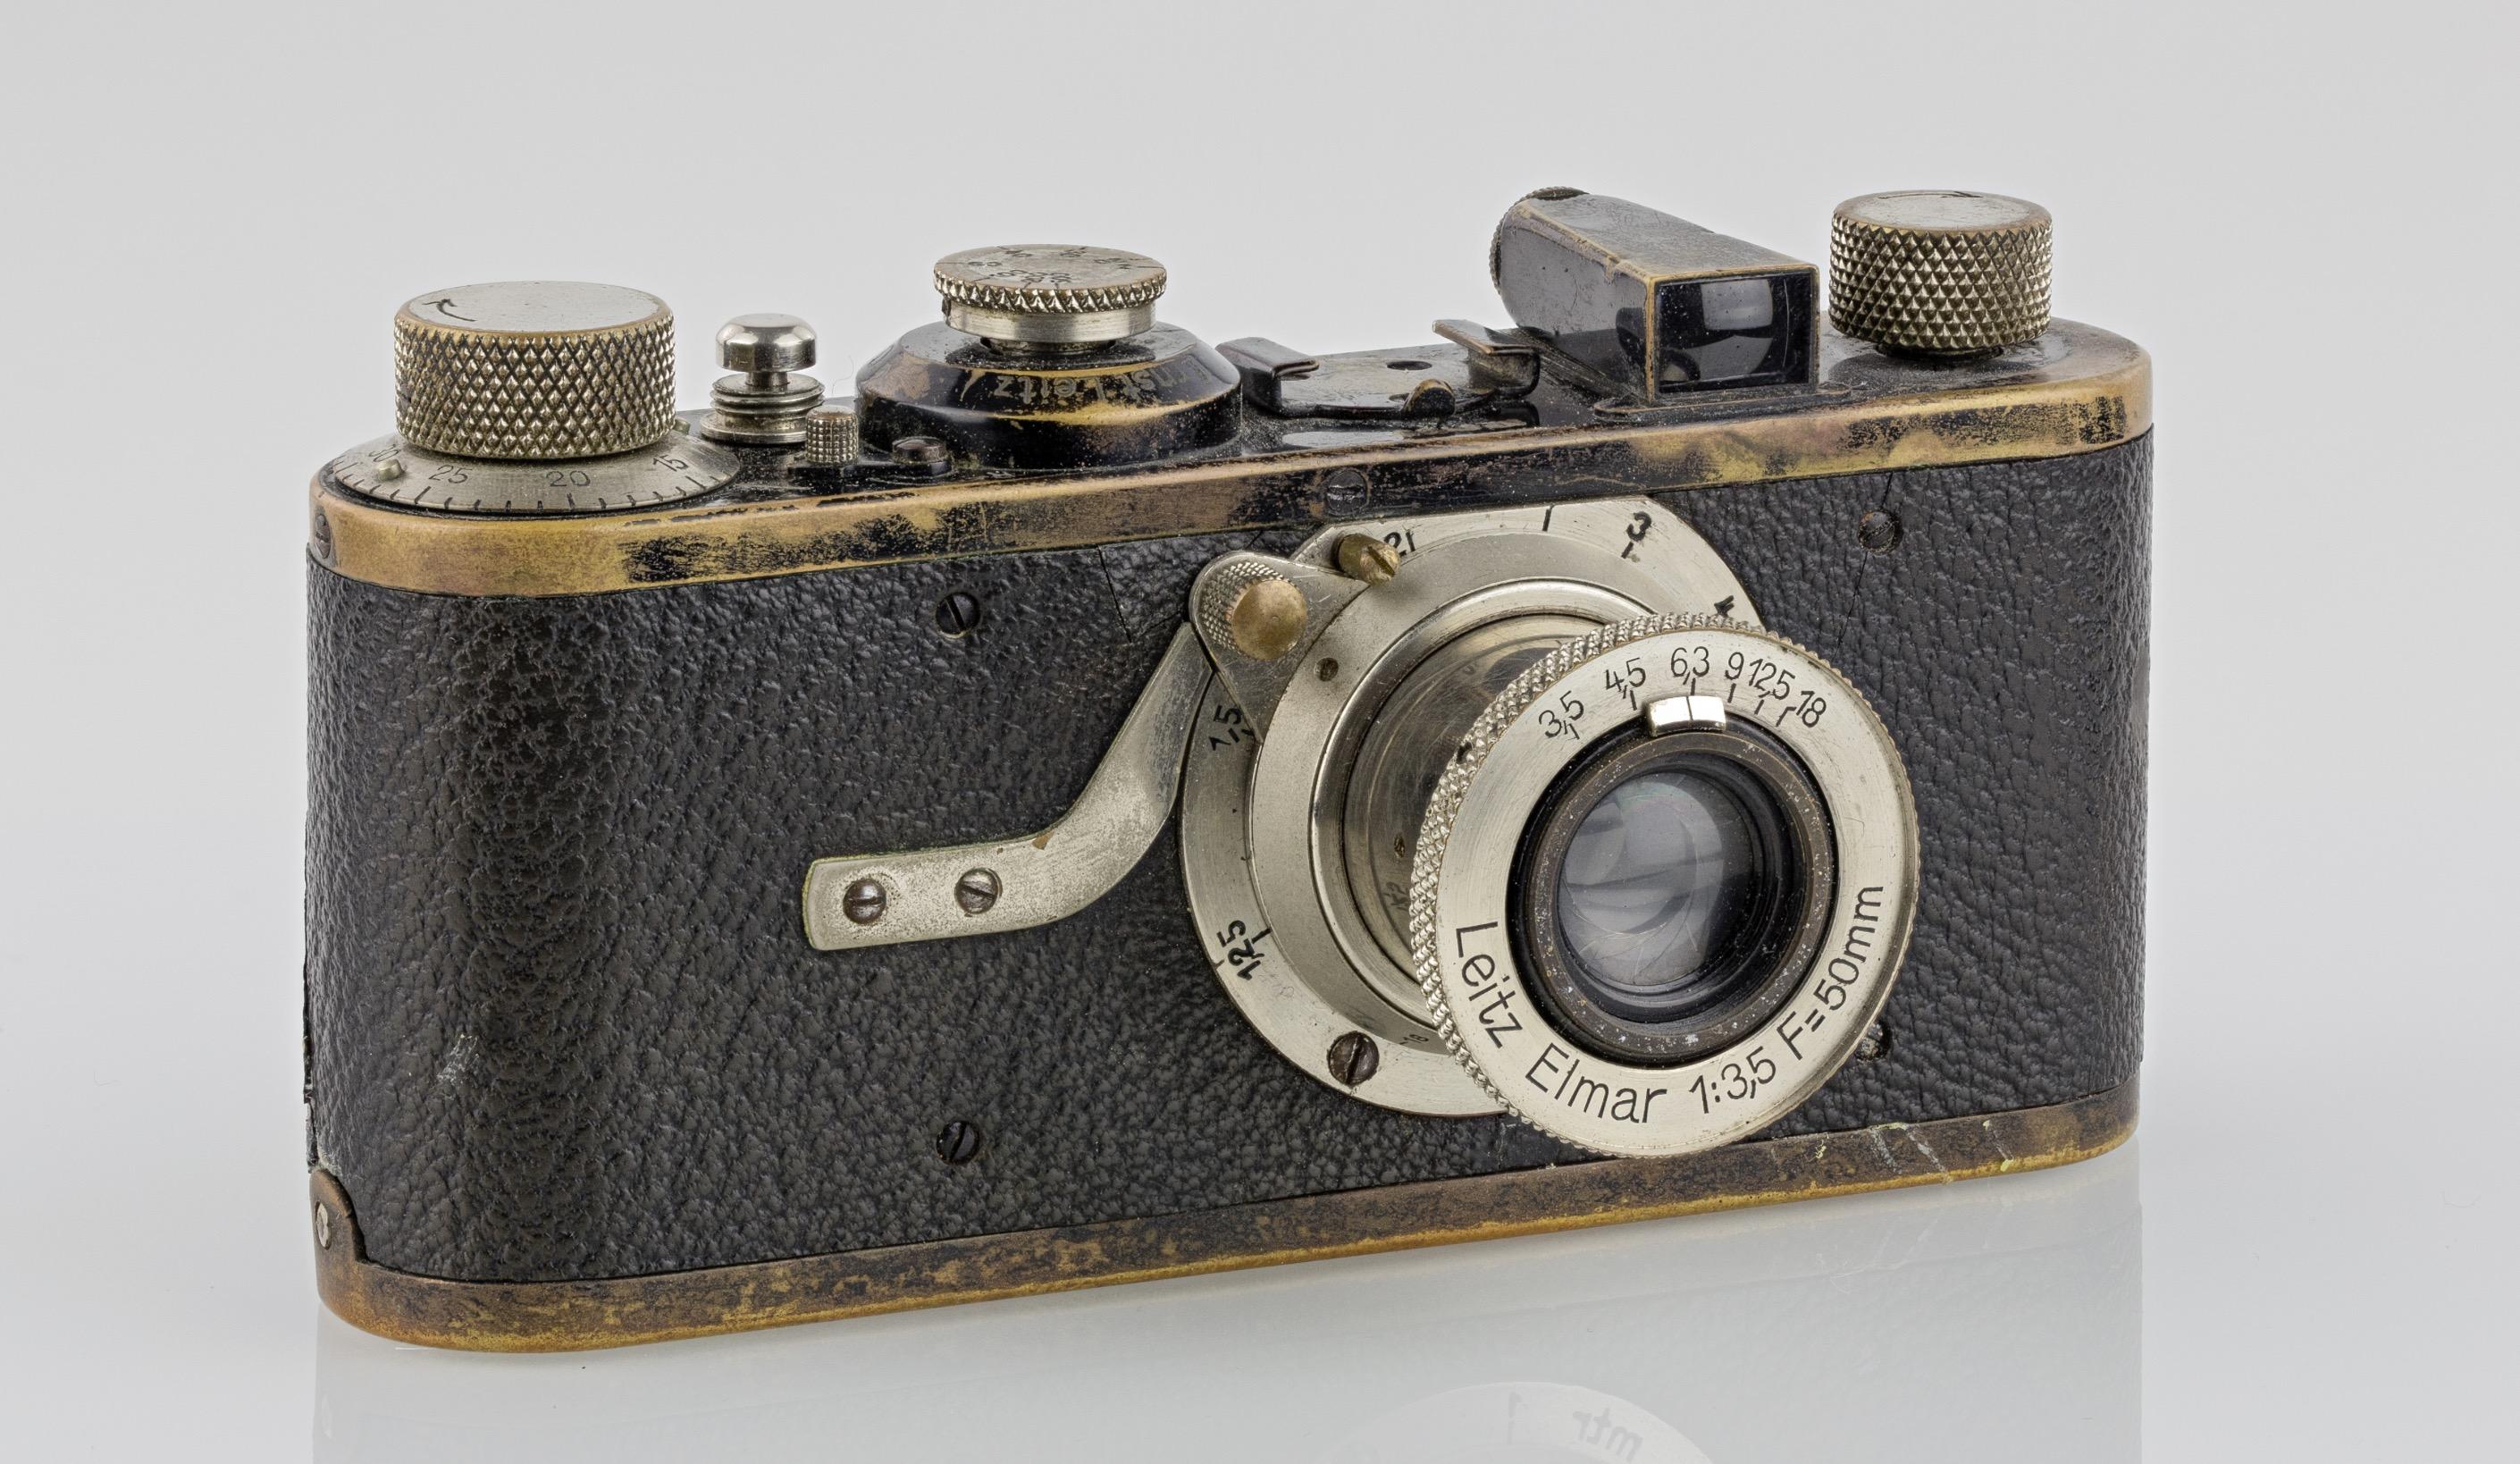 Huawei e Leica, partnership per migliorare le fotocamere